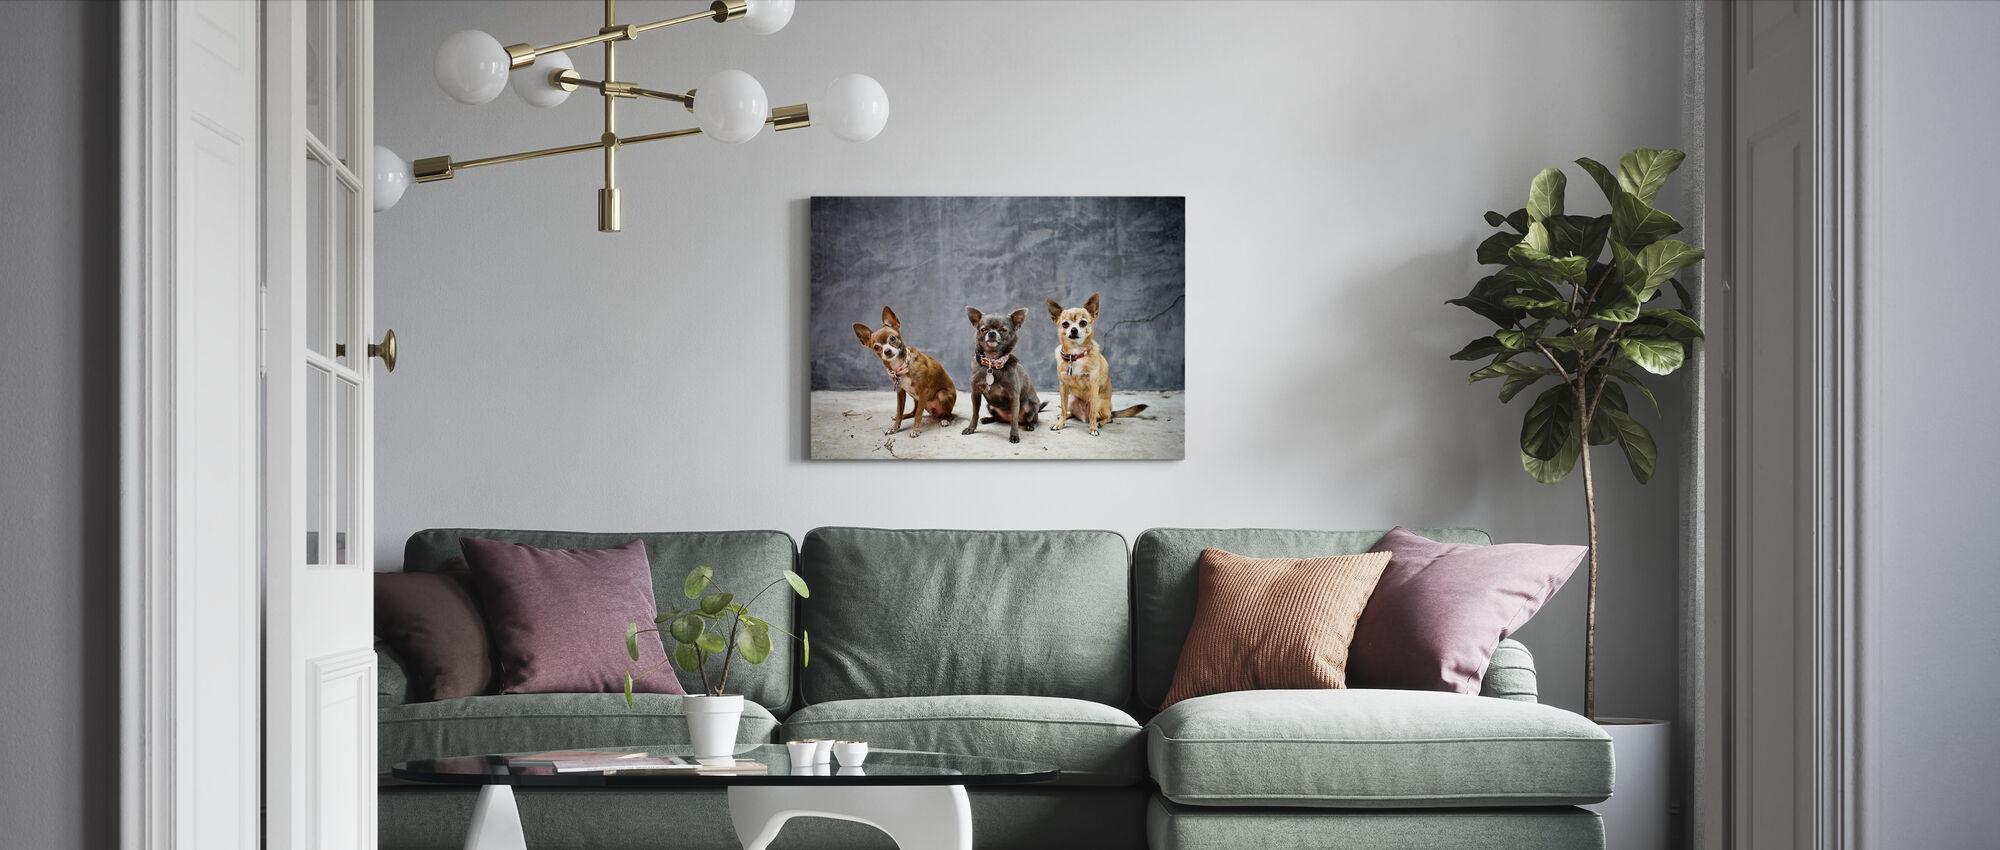 Chihuahua Trio - Canvas print - Living Room